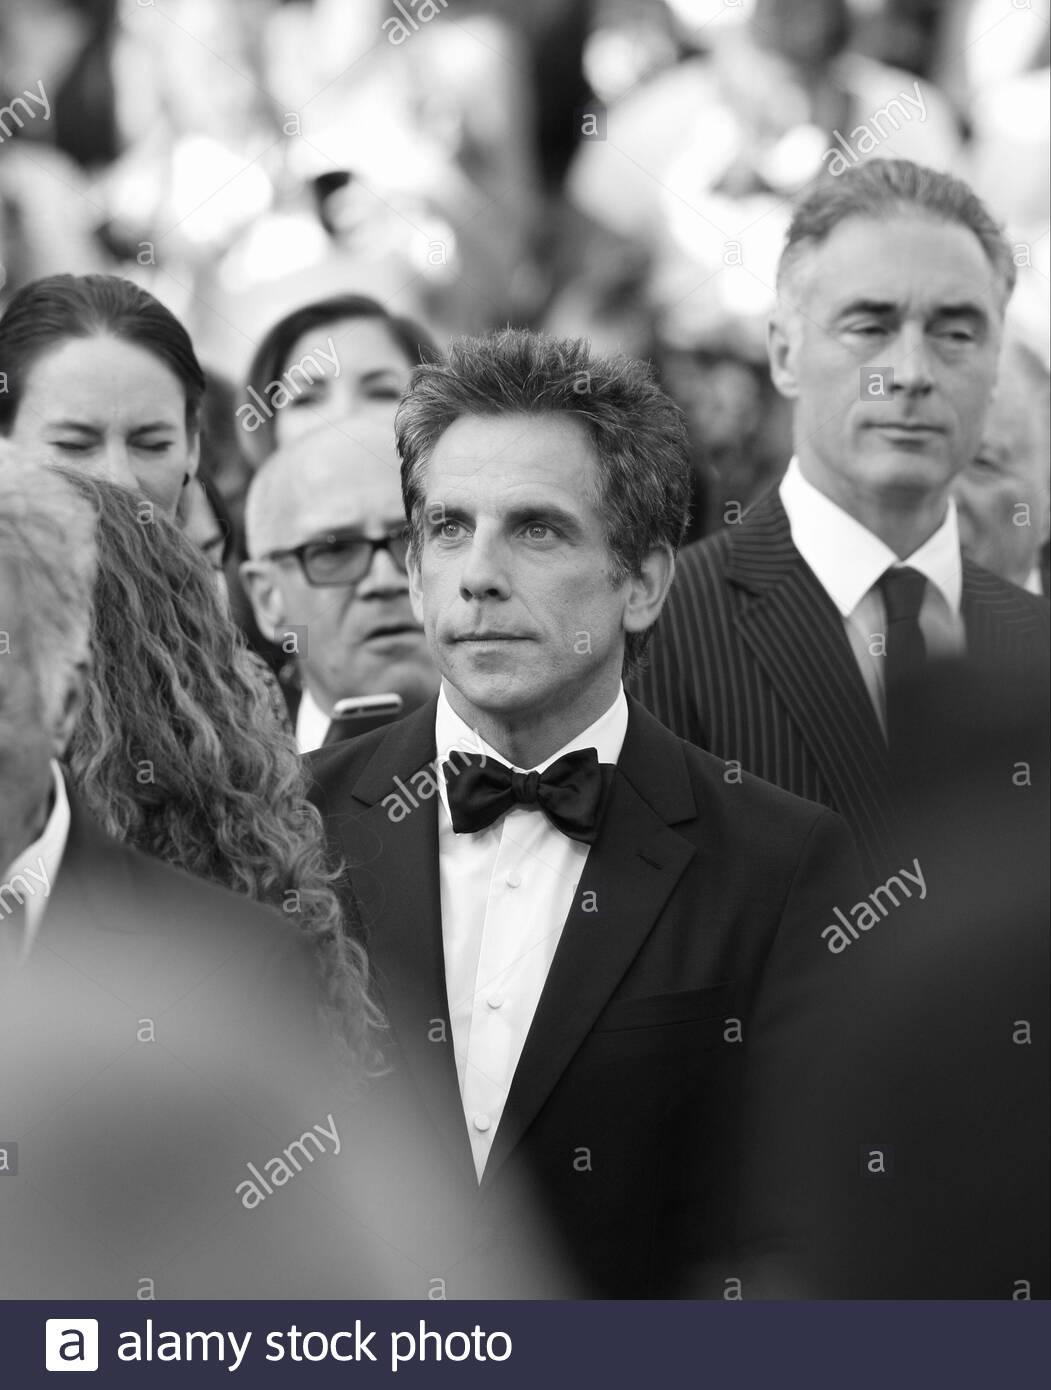 Ben Stiller besucht The Meyerowitz Stories screening während der 70. jährlichen Cannes Film Festival im Palais des Festivals im 21. Mai 2017 in Cannes, Frankreich. Stockfoto